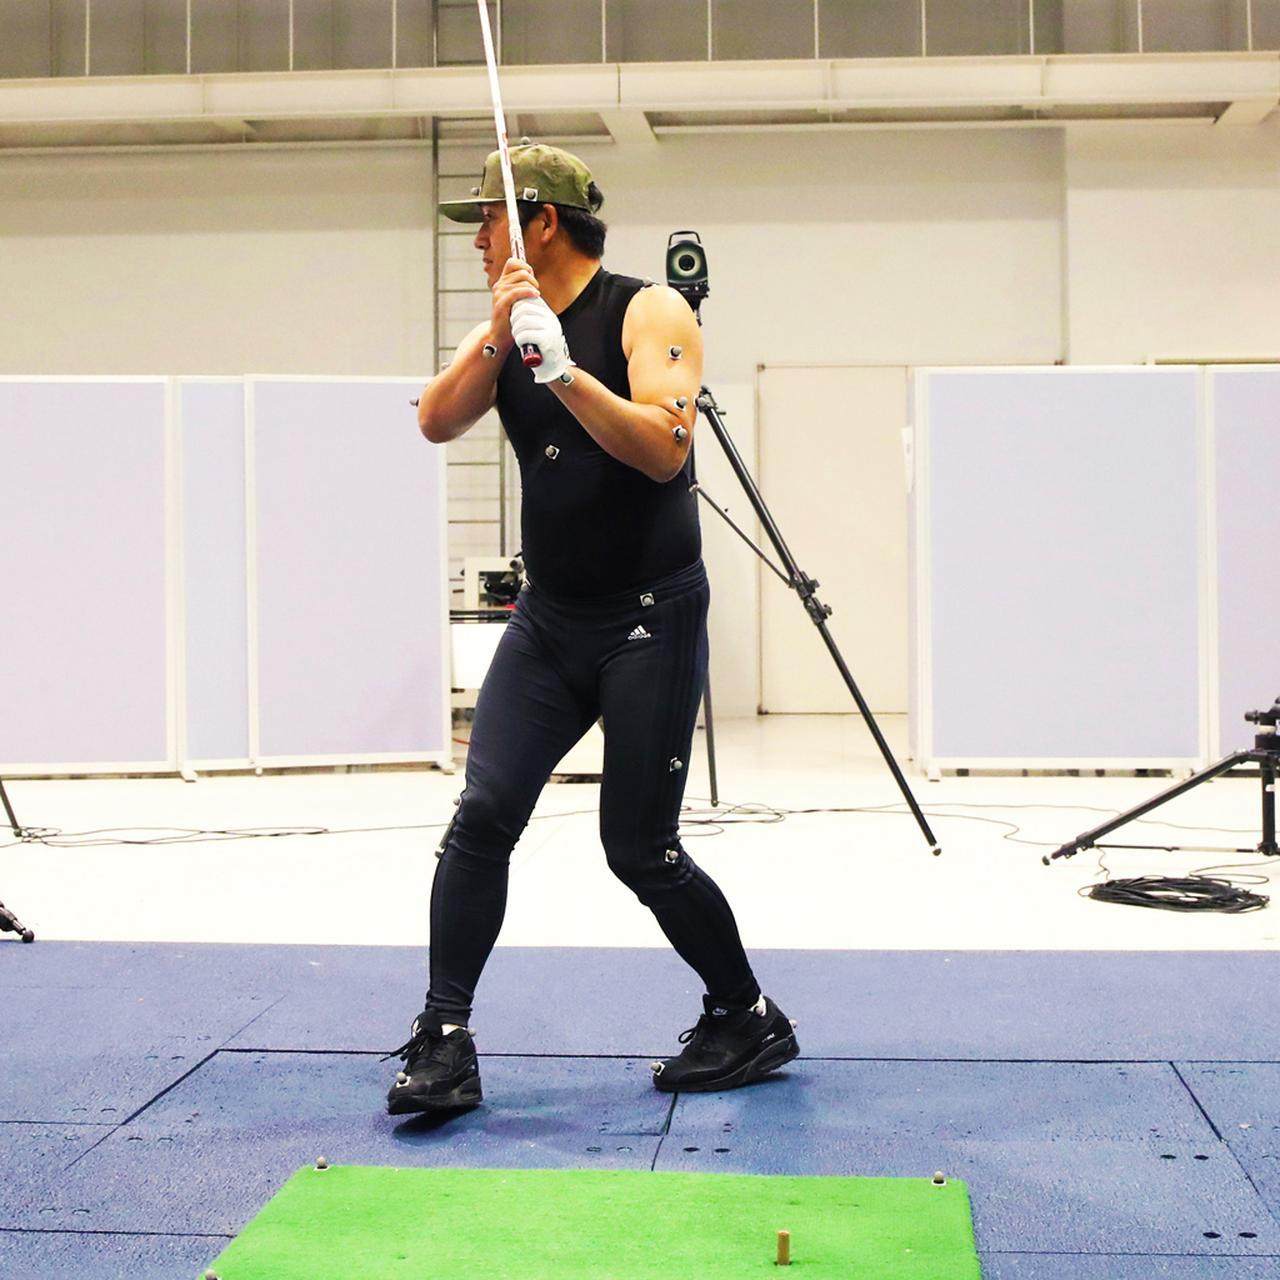 画像11: 【チェ・ホソン】反力打法のDr.クォンがフィッシャーマンズスウィングを解剖。片足で回ると飛距離が伸びるその仕組み